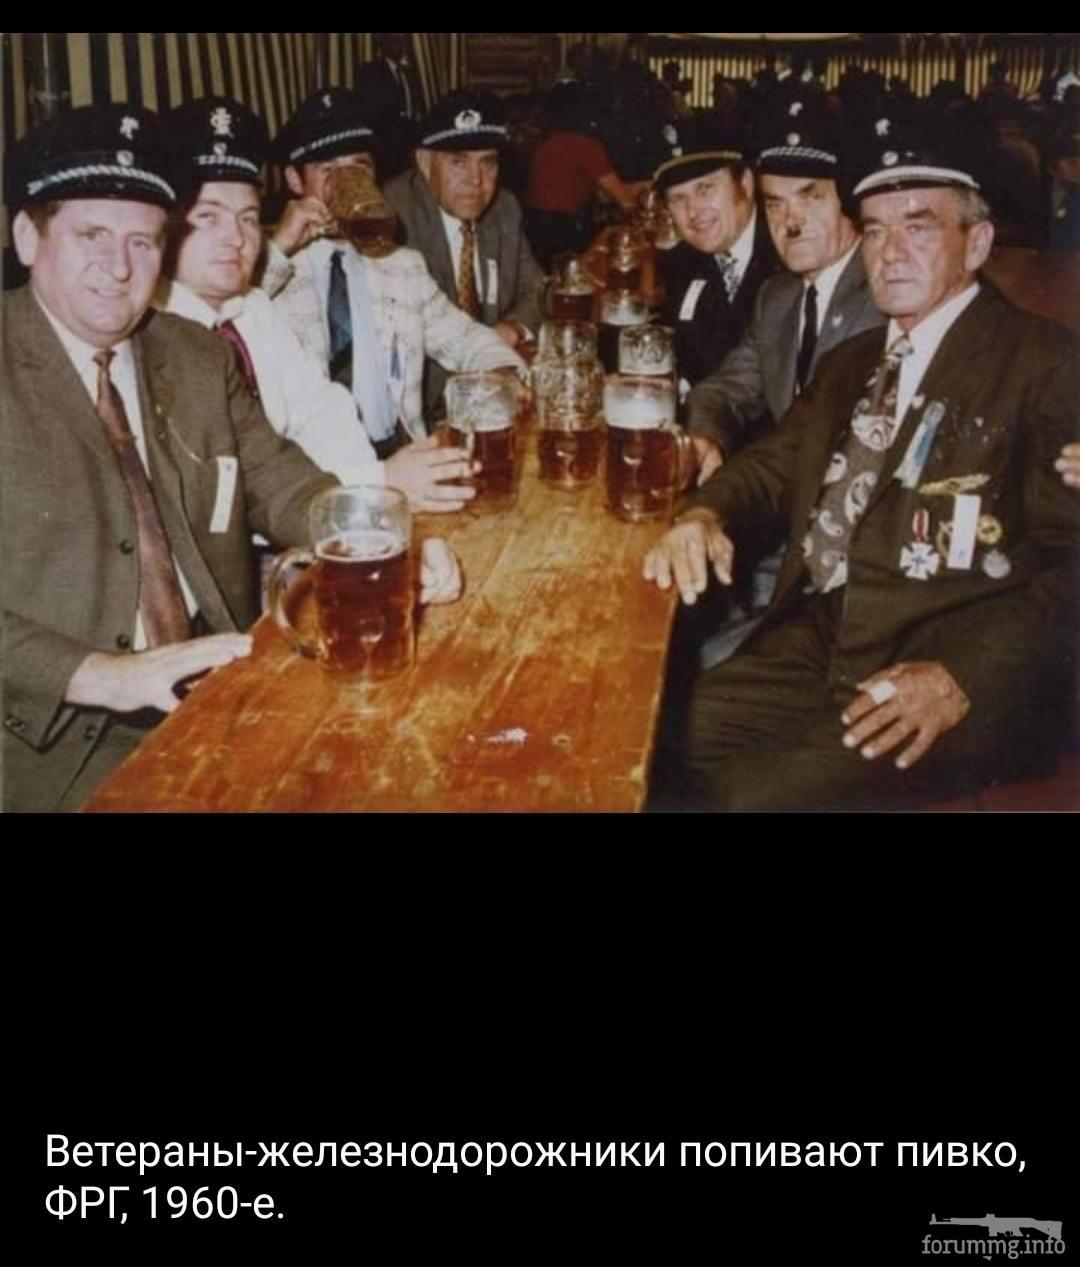 133922 - Пить или не пить? - пятничная алкогольная тема )))